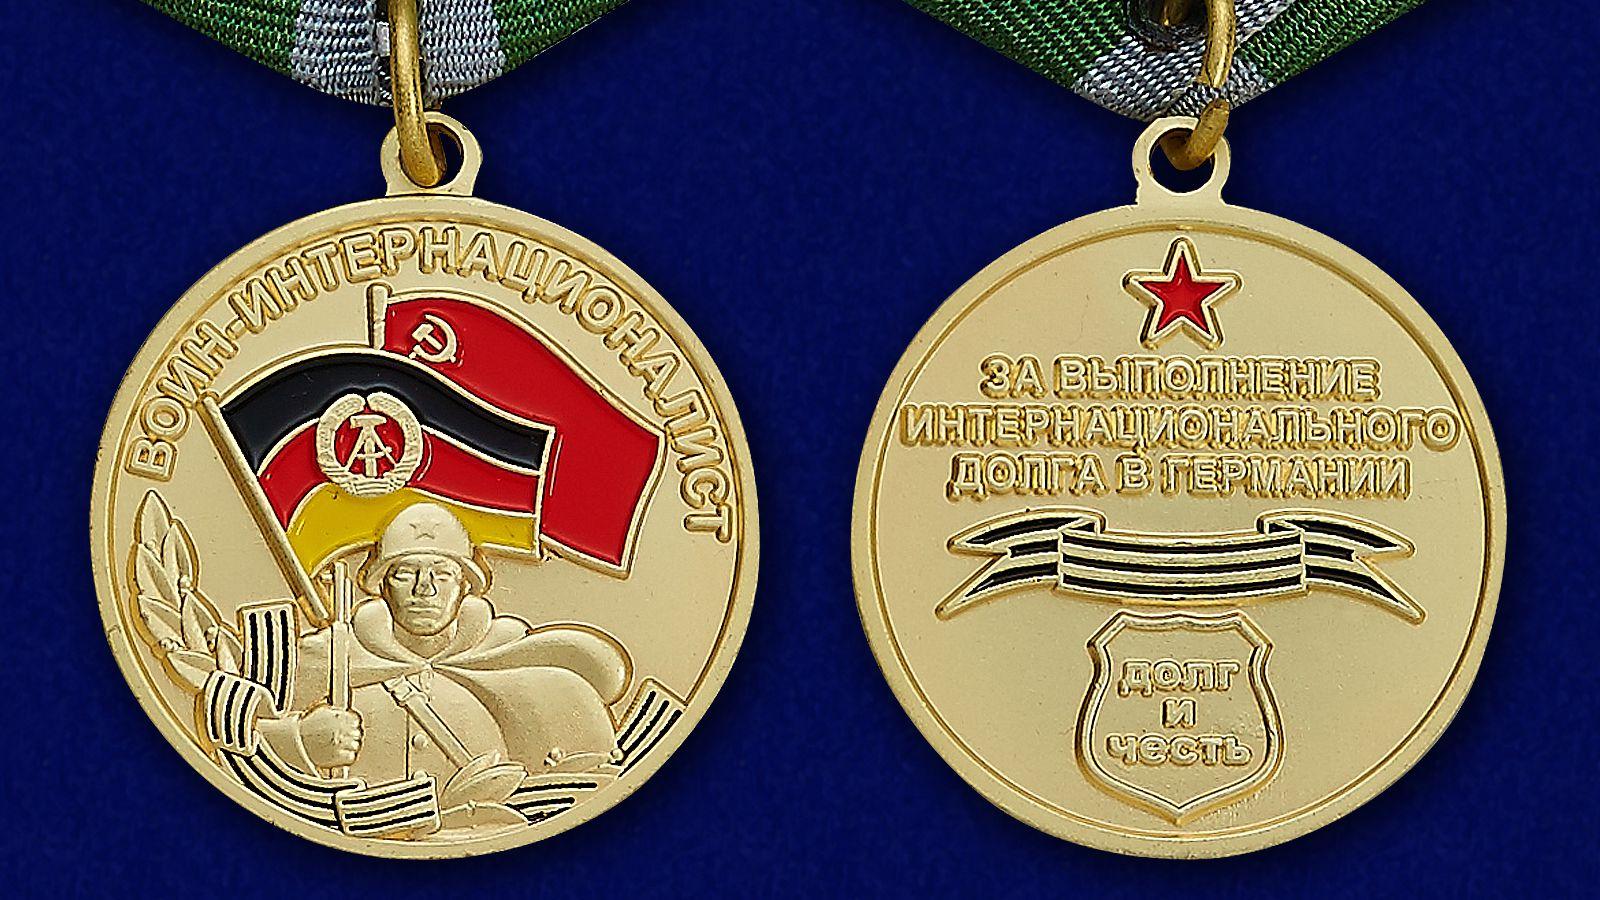 Медаль Воин-интернационалист (За выполнения интернационального долга в Германии) - аверс и реверс